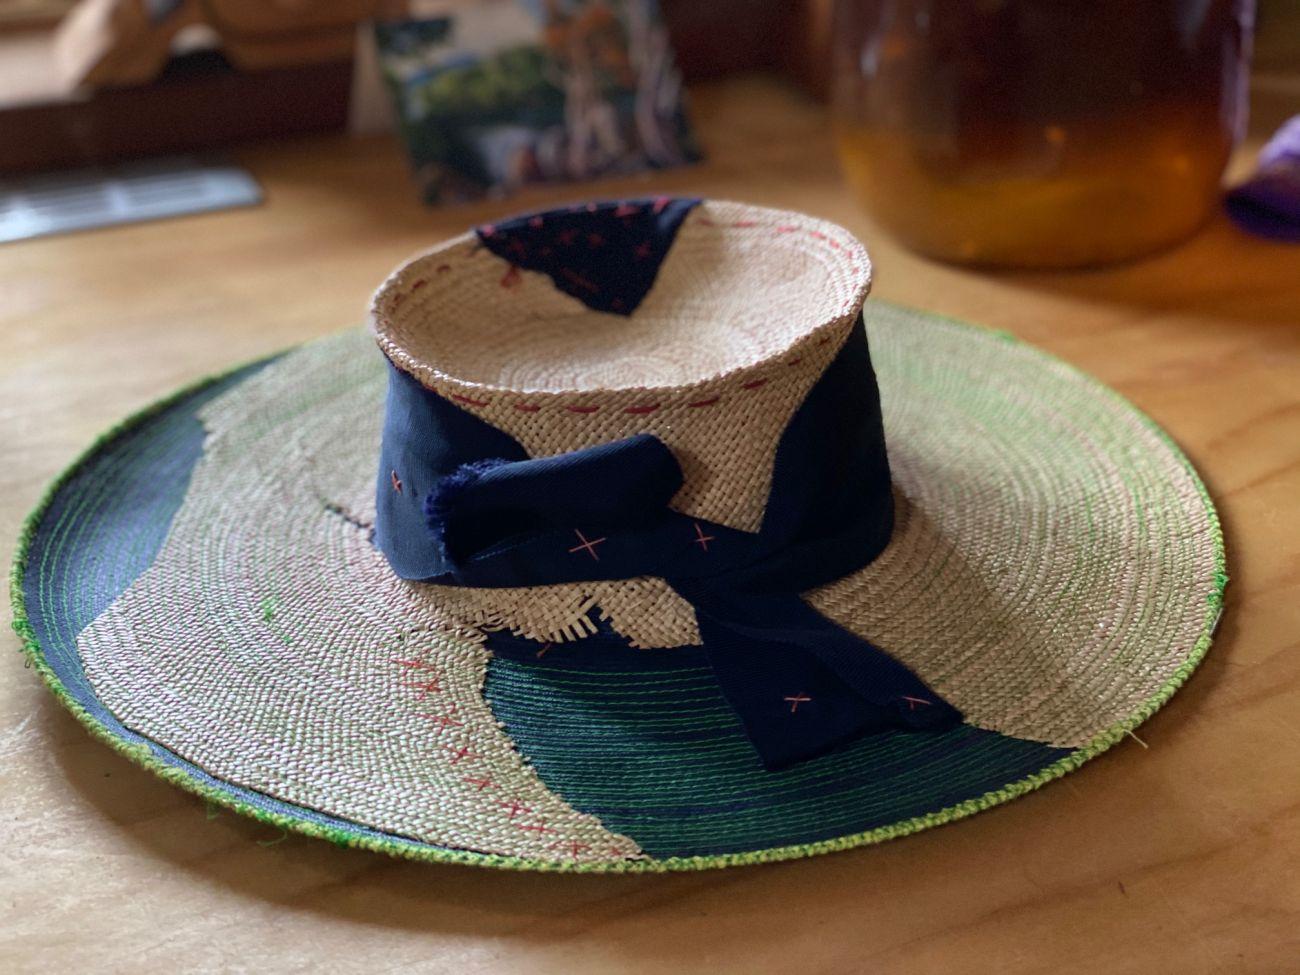 Stitched Summer hat by Waltraud Reiner